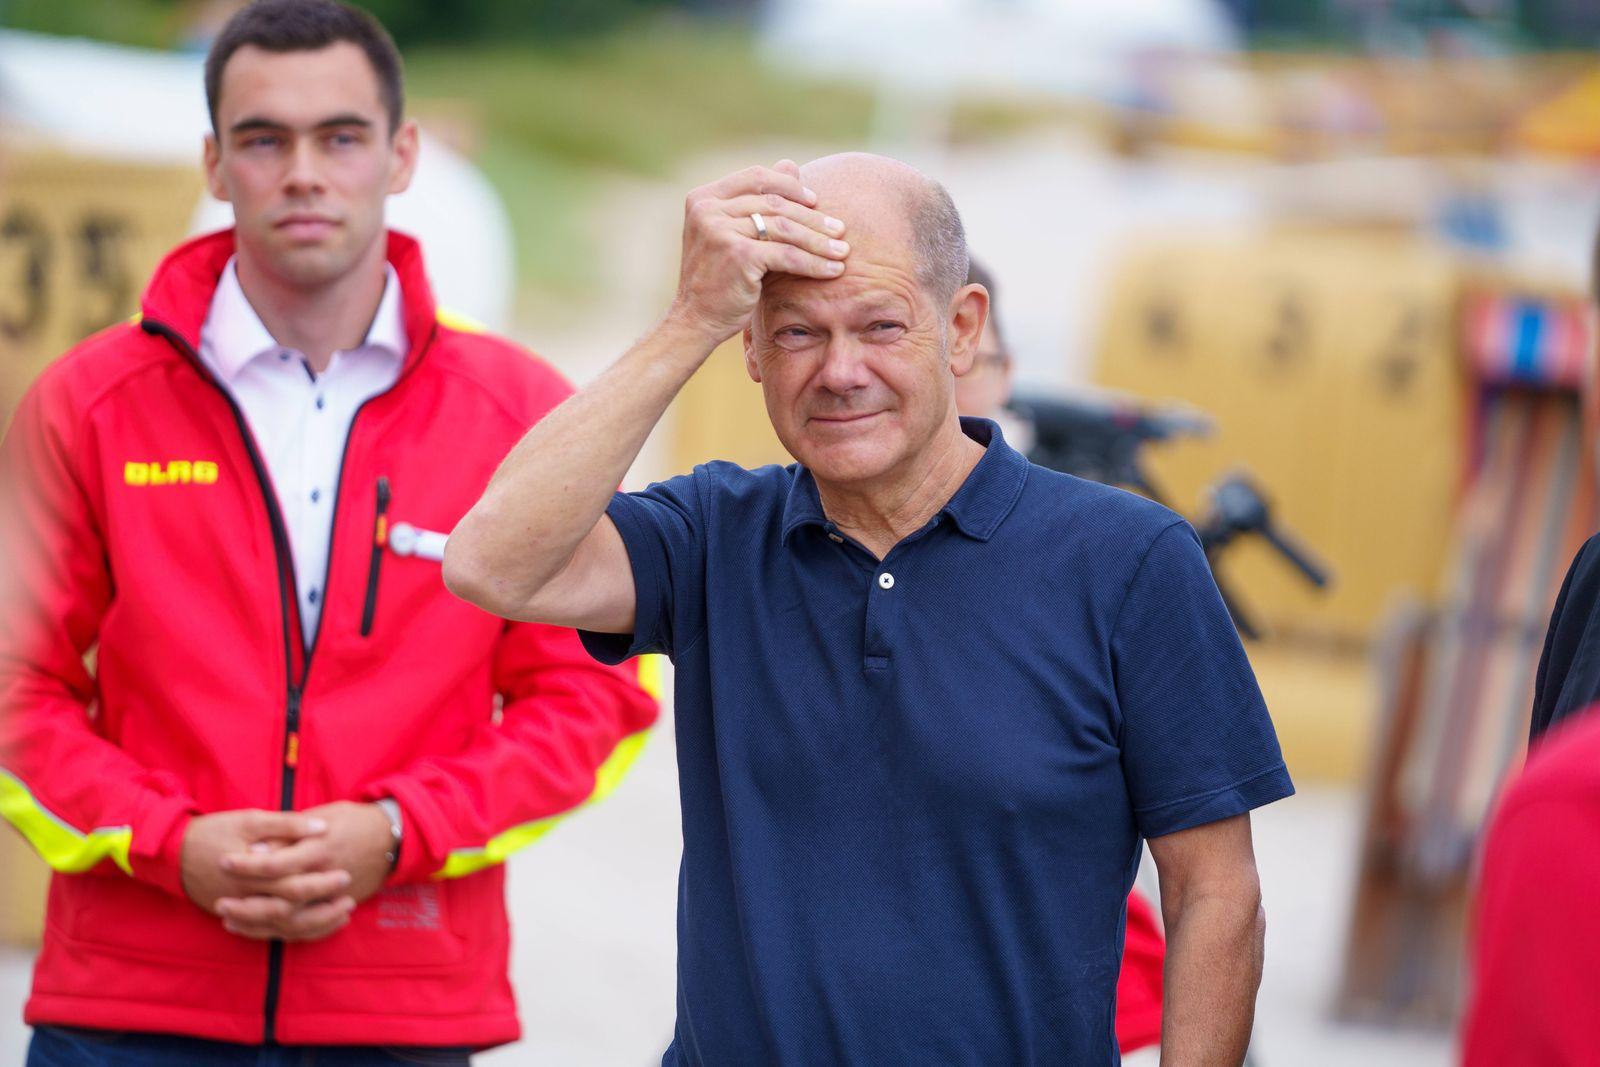 Wahlkampfveranstaltung der SPD zur Bundestagswahl 2021 - Olaf Scholz auf Wahlkampftour durch Schleswig-Holstein - Besuch